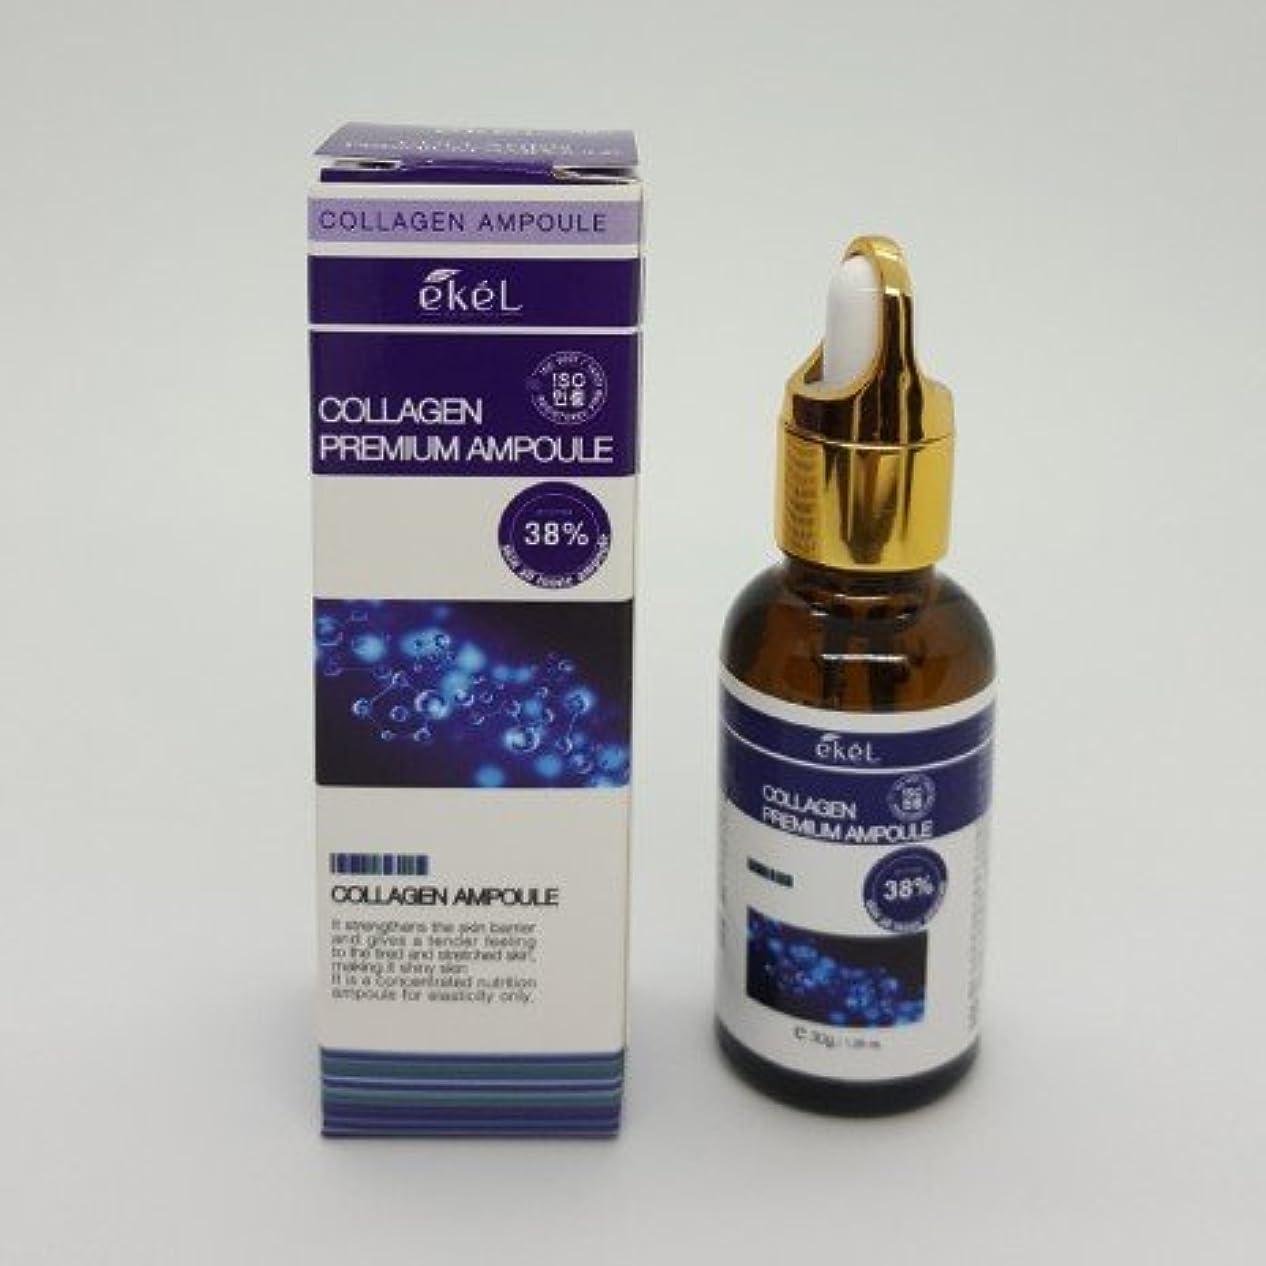 説得冒険者車両[EKEL] Collagen Premium Ampoule 38% - 30g